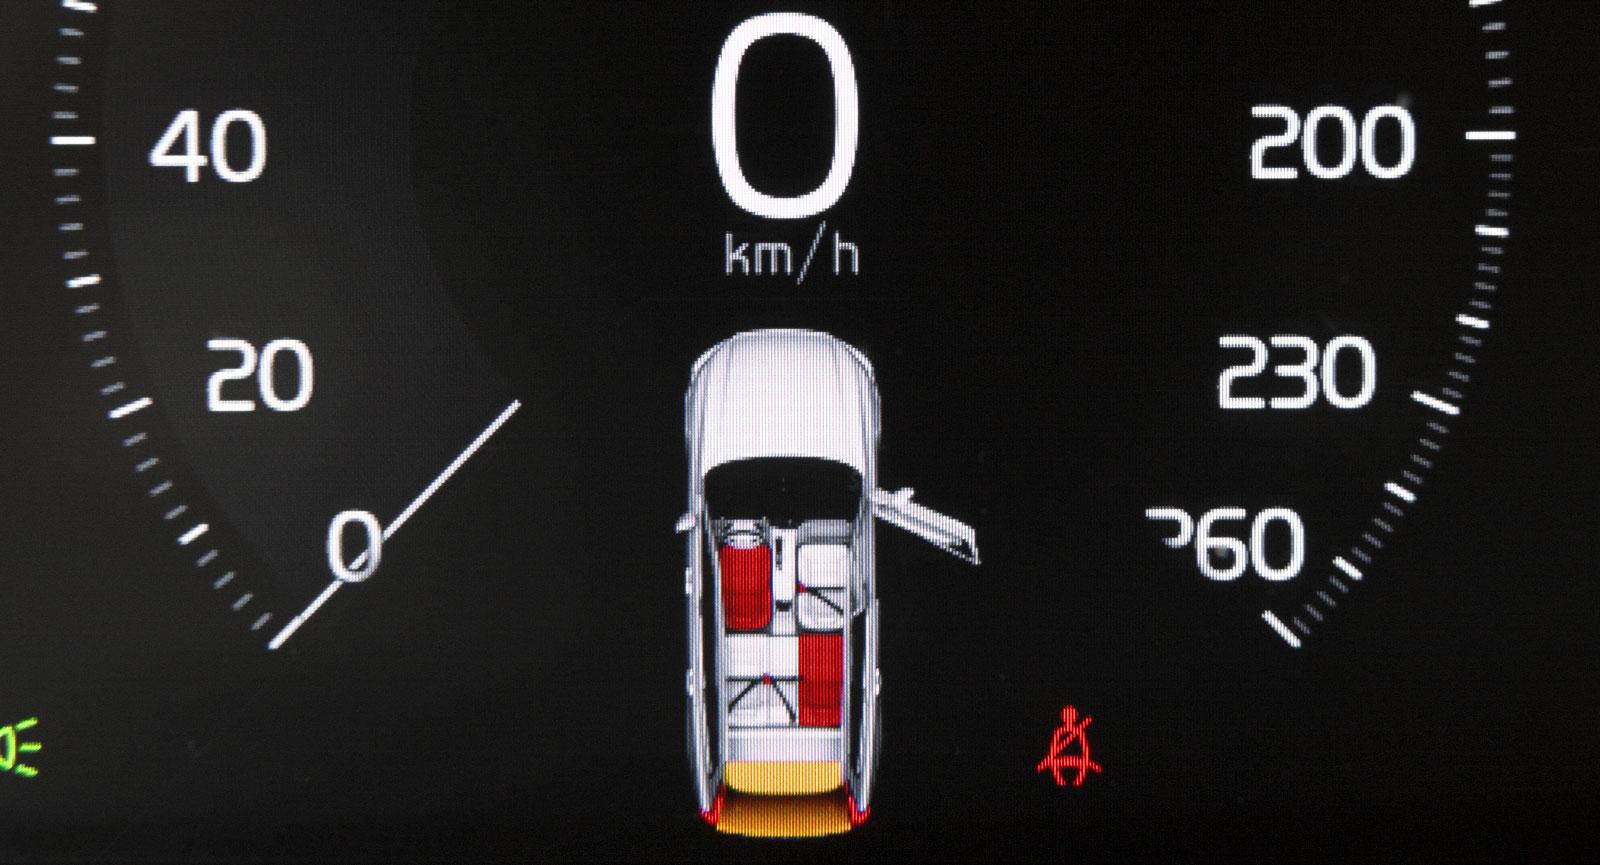 Trots digital instrumentpanel har VW Tiguan små färglösa bältessymboler som försvinner bland all information – Volvo har en tydligare lösning.